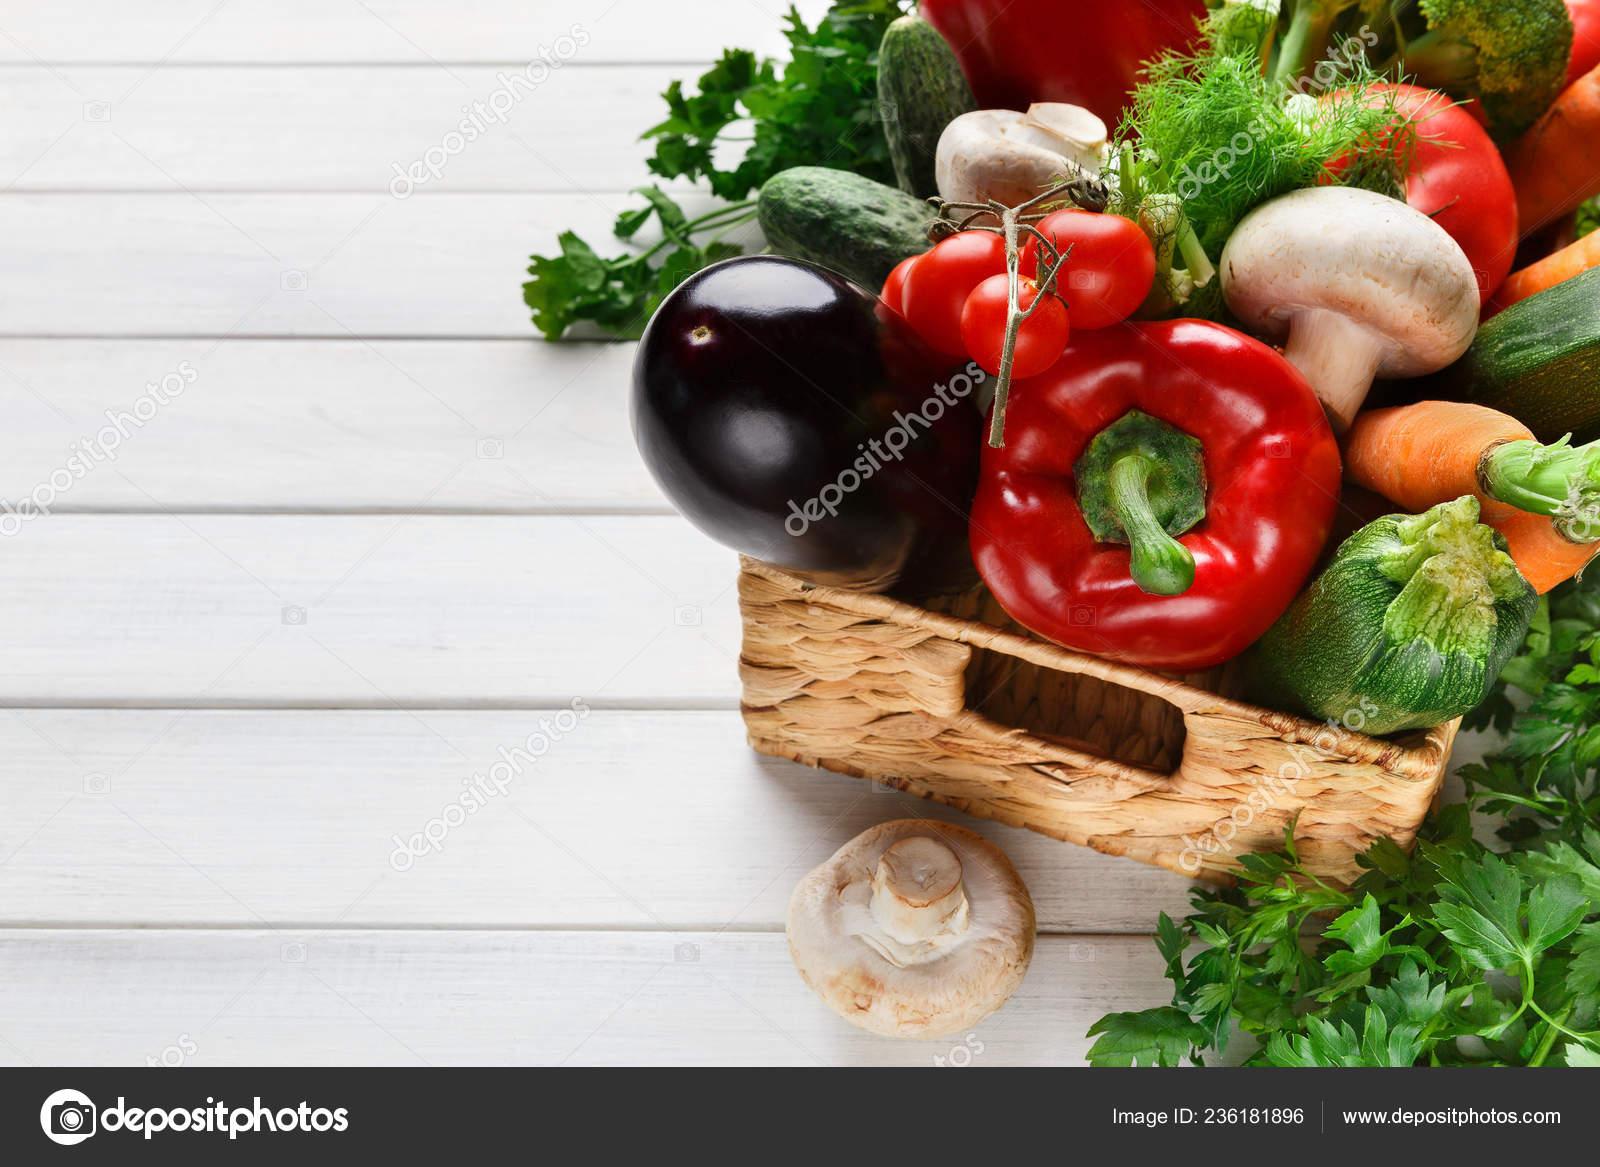 плетеная корзина с овощной ассортимент на деревянный стол